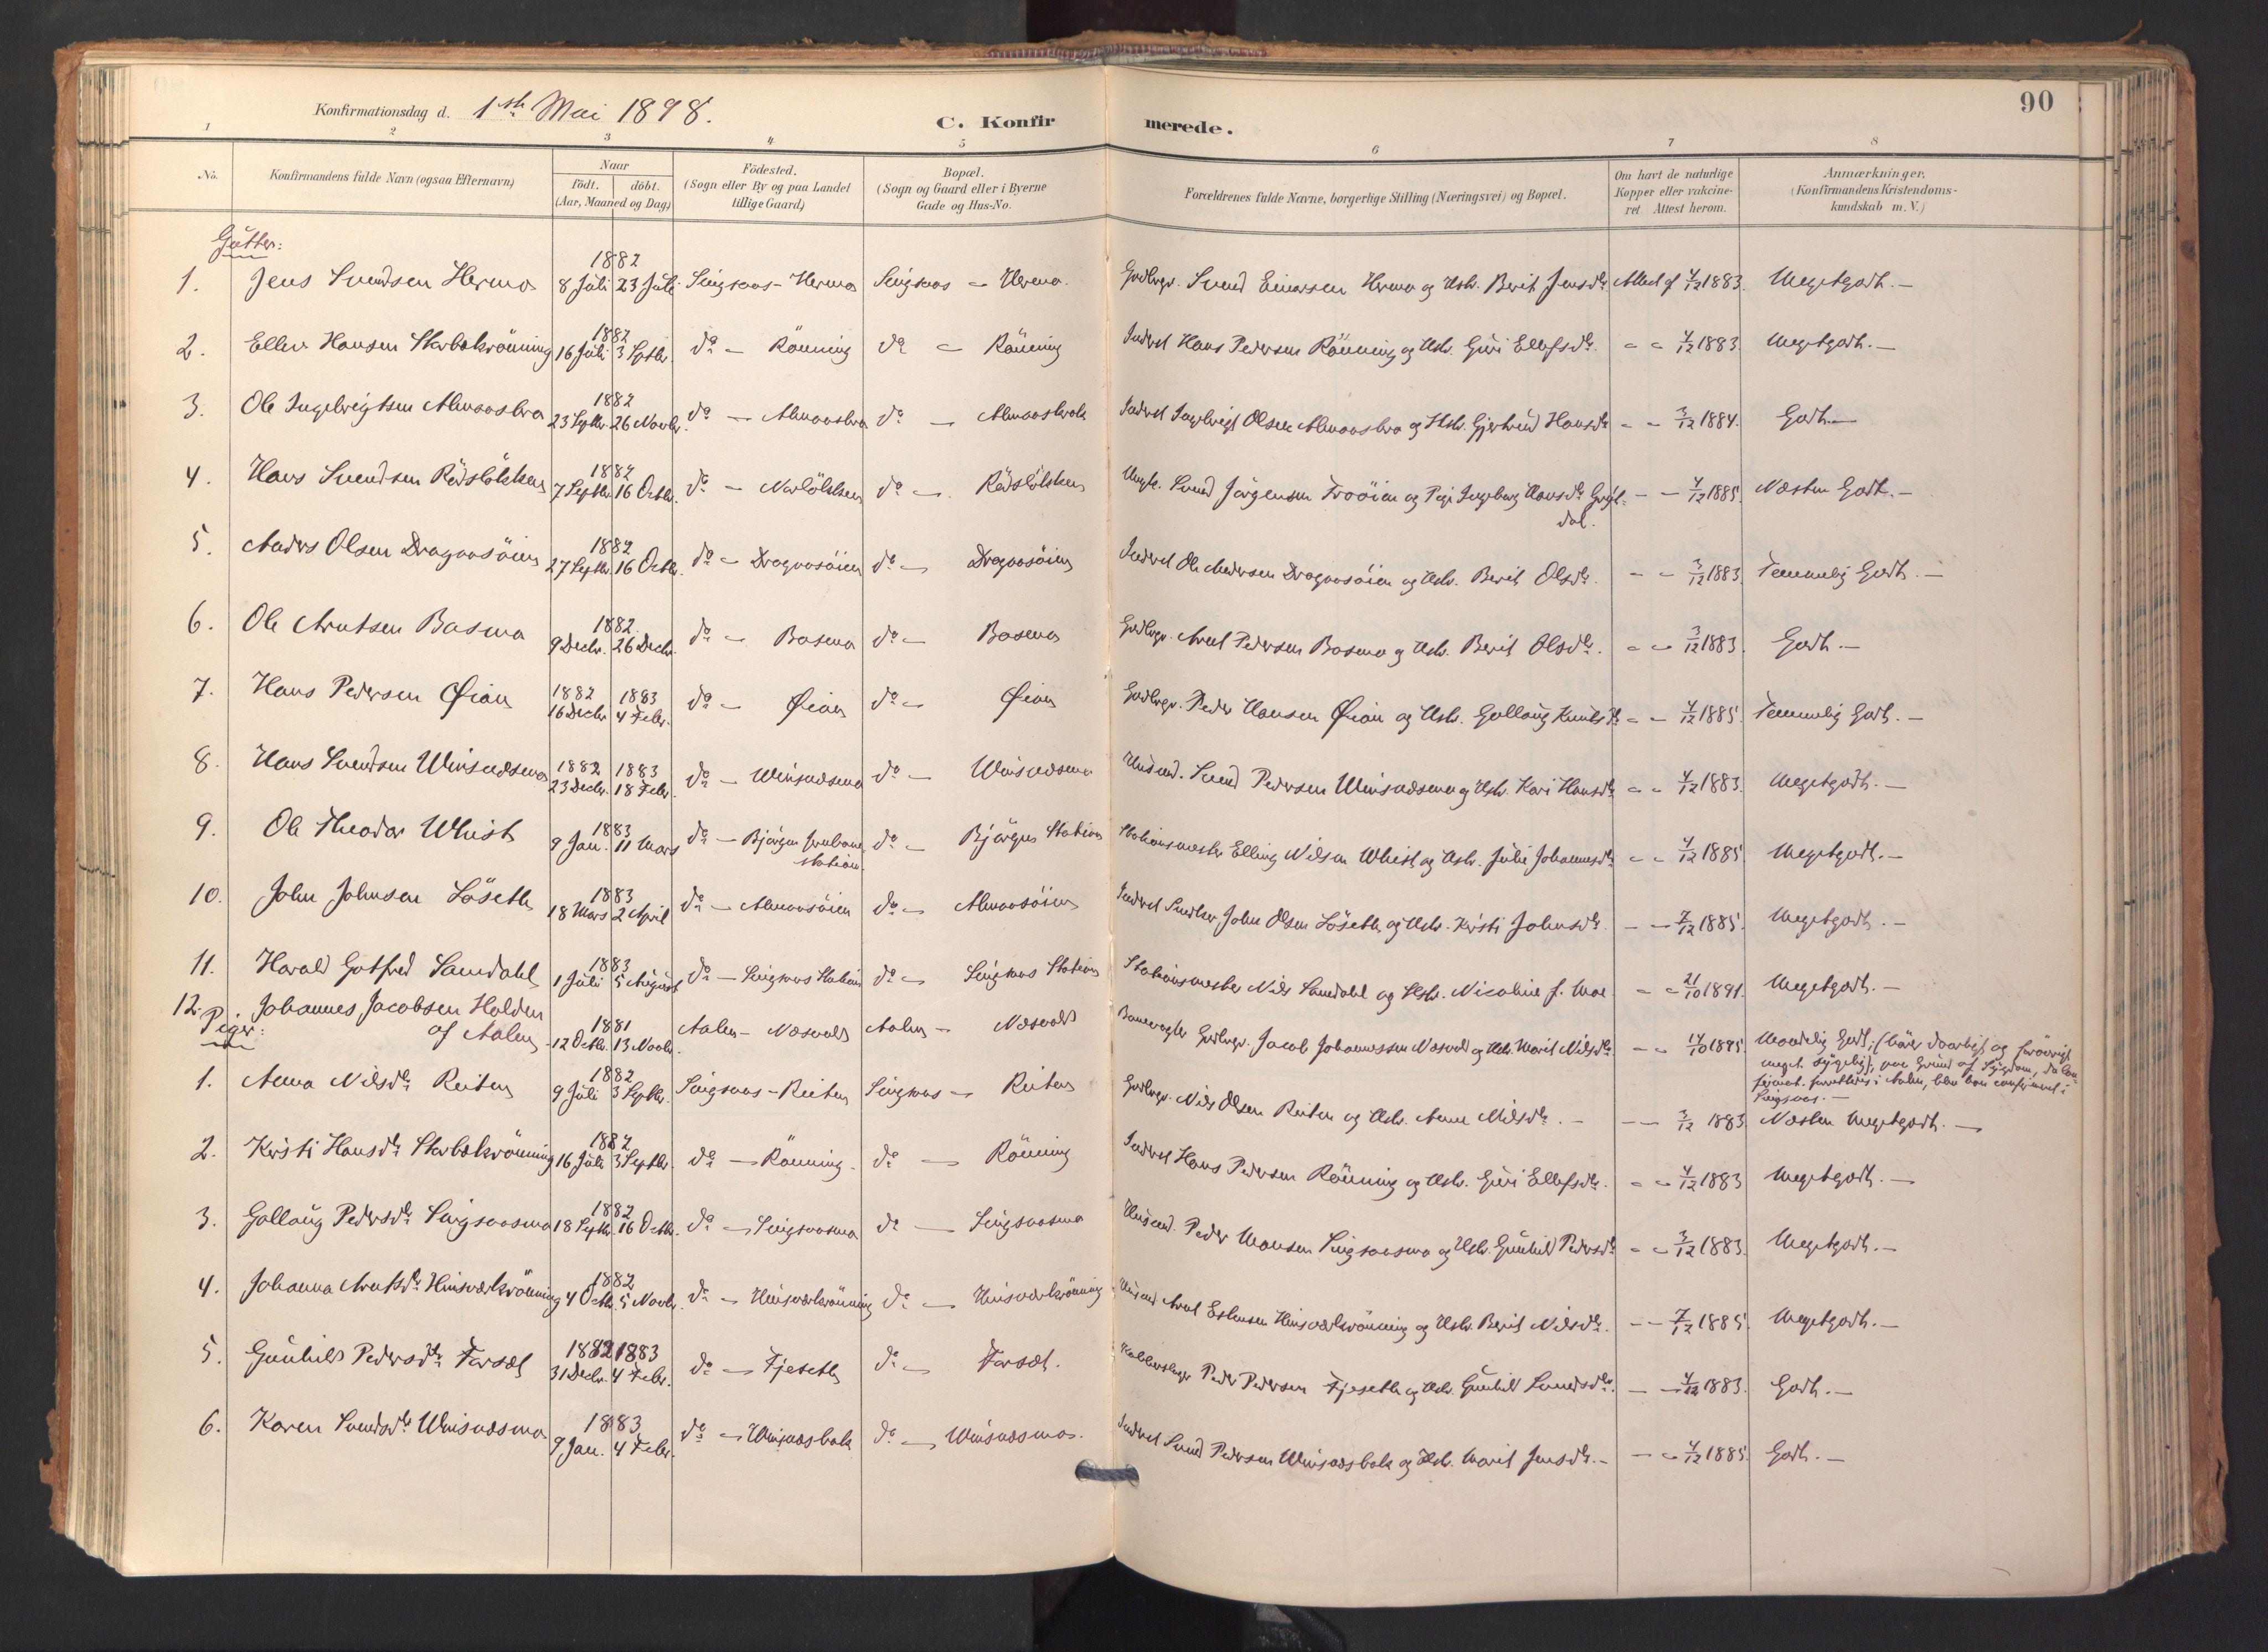 SAT, Ministerialprotokoller, klokkerbøker og fødselsregistre - Sør-Trøndelag, 688/L1025: Ministerialbok nr. 688A02, 1891-1909, s. 90